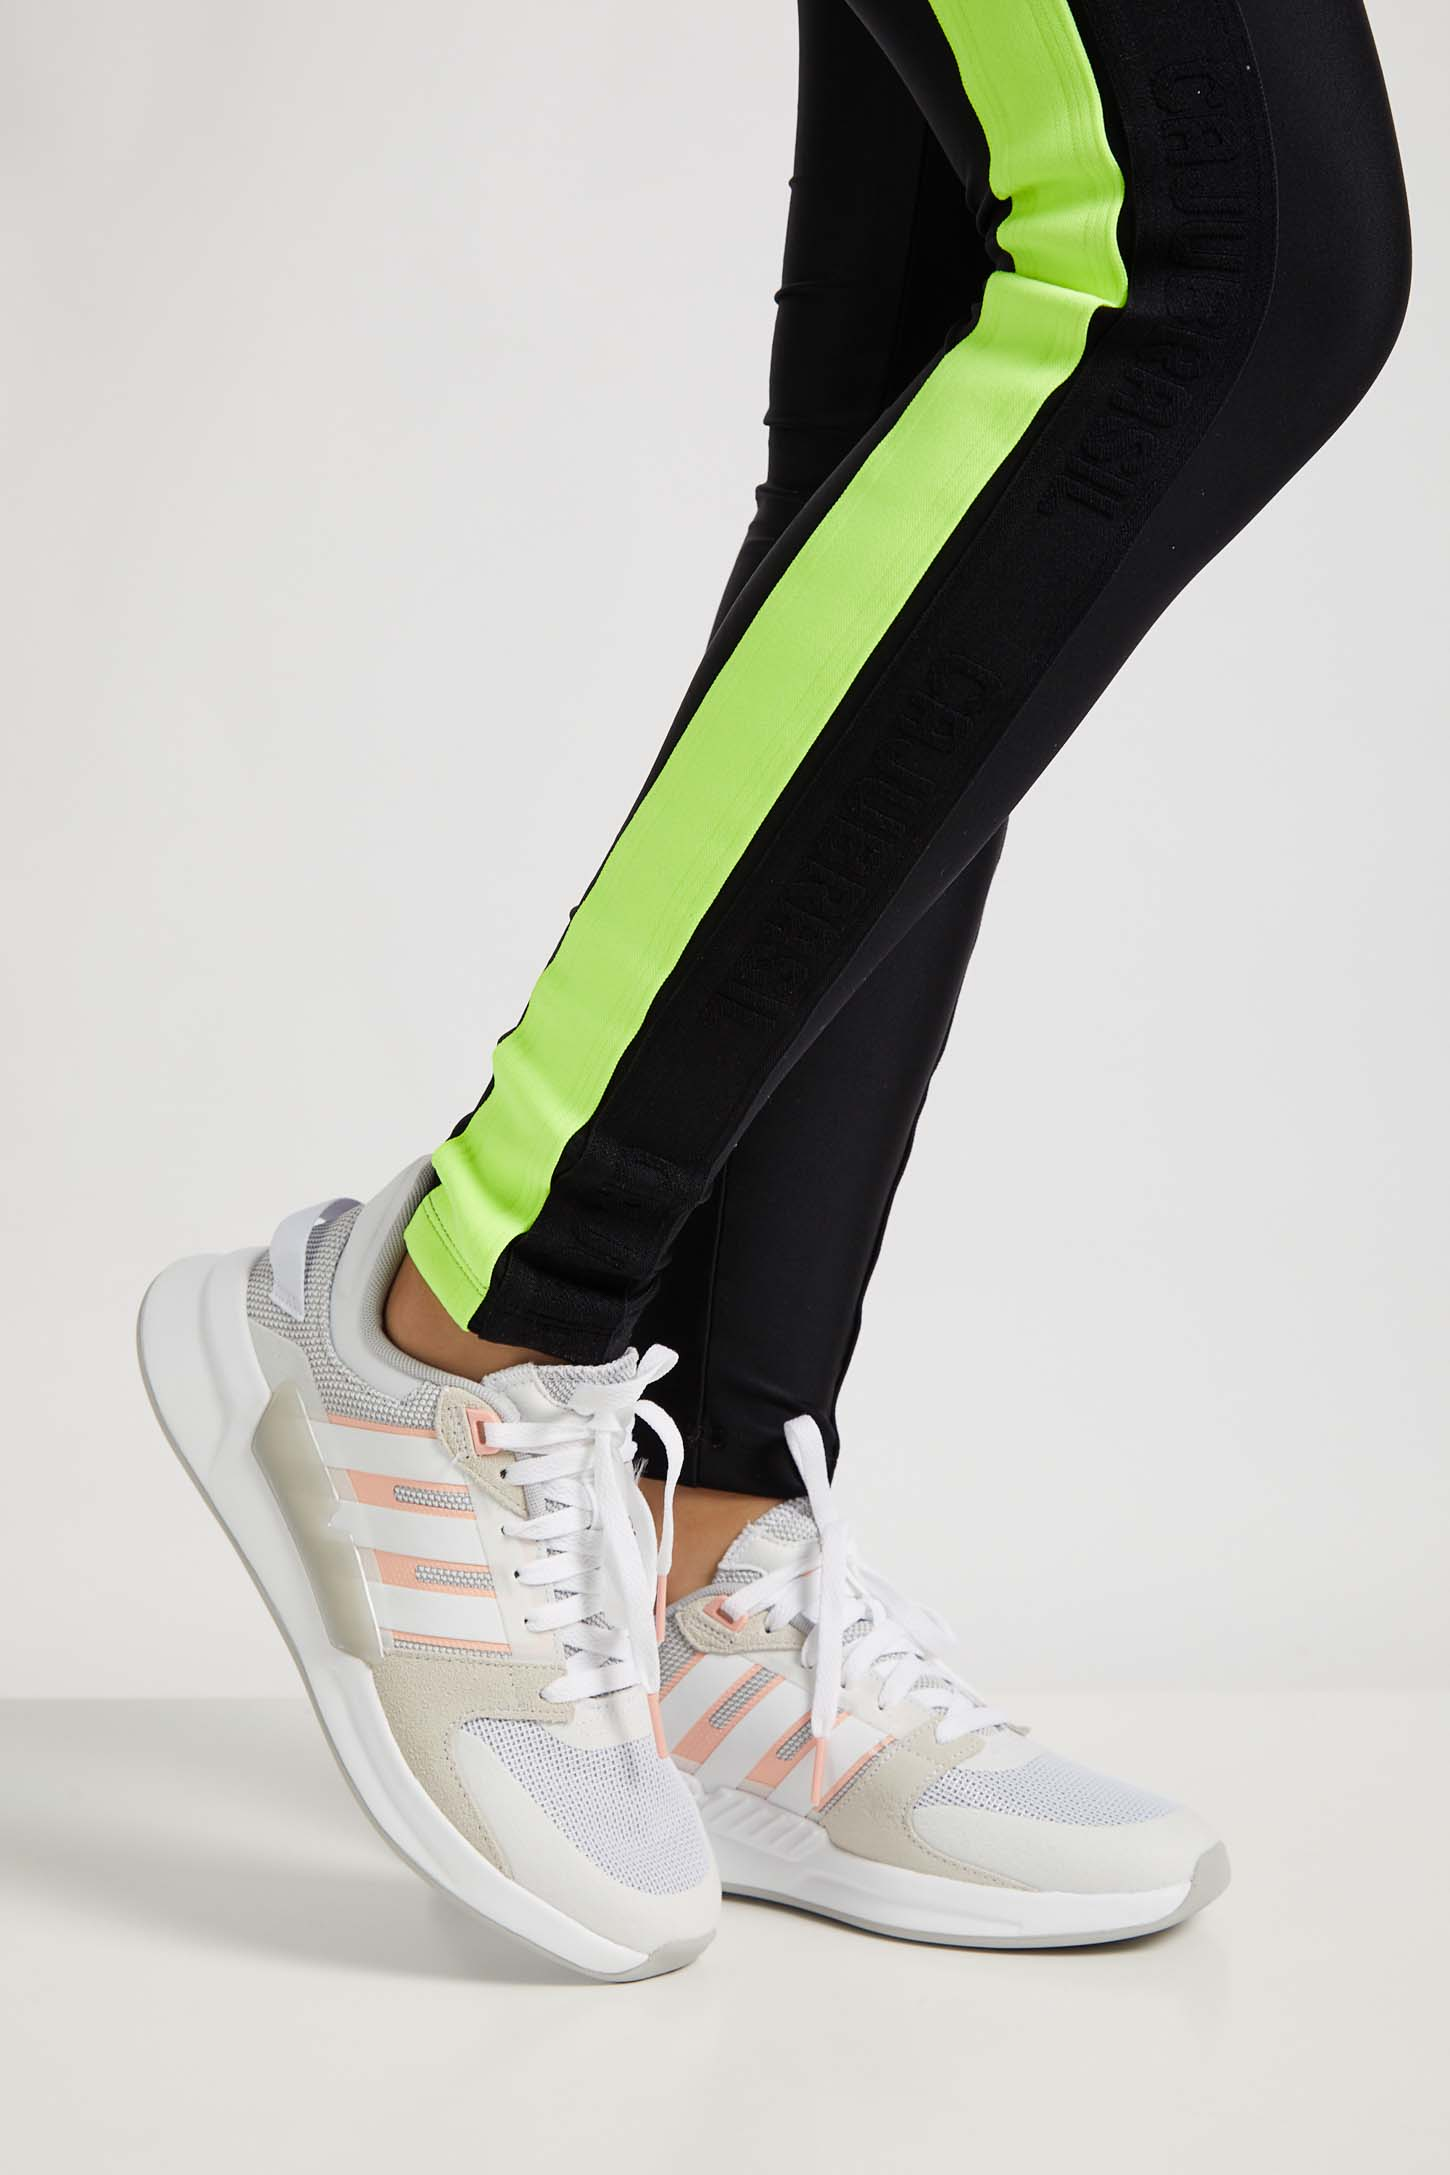 Tenis-Corrida-Feminino-Adidas-Run90s-Branco